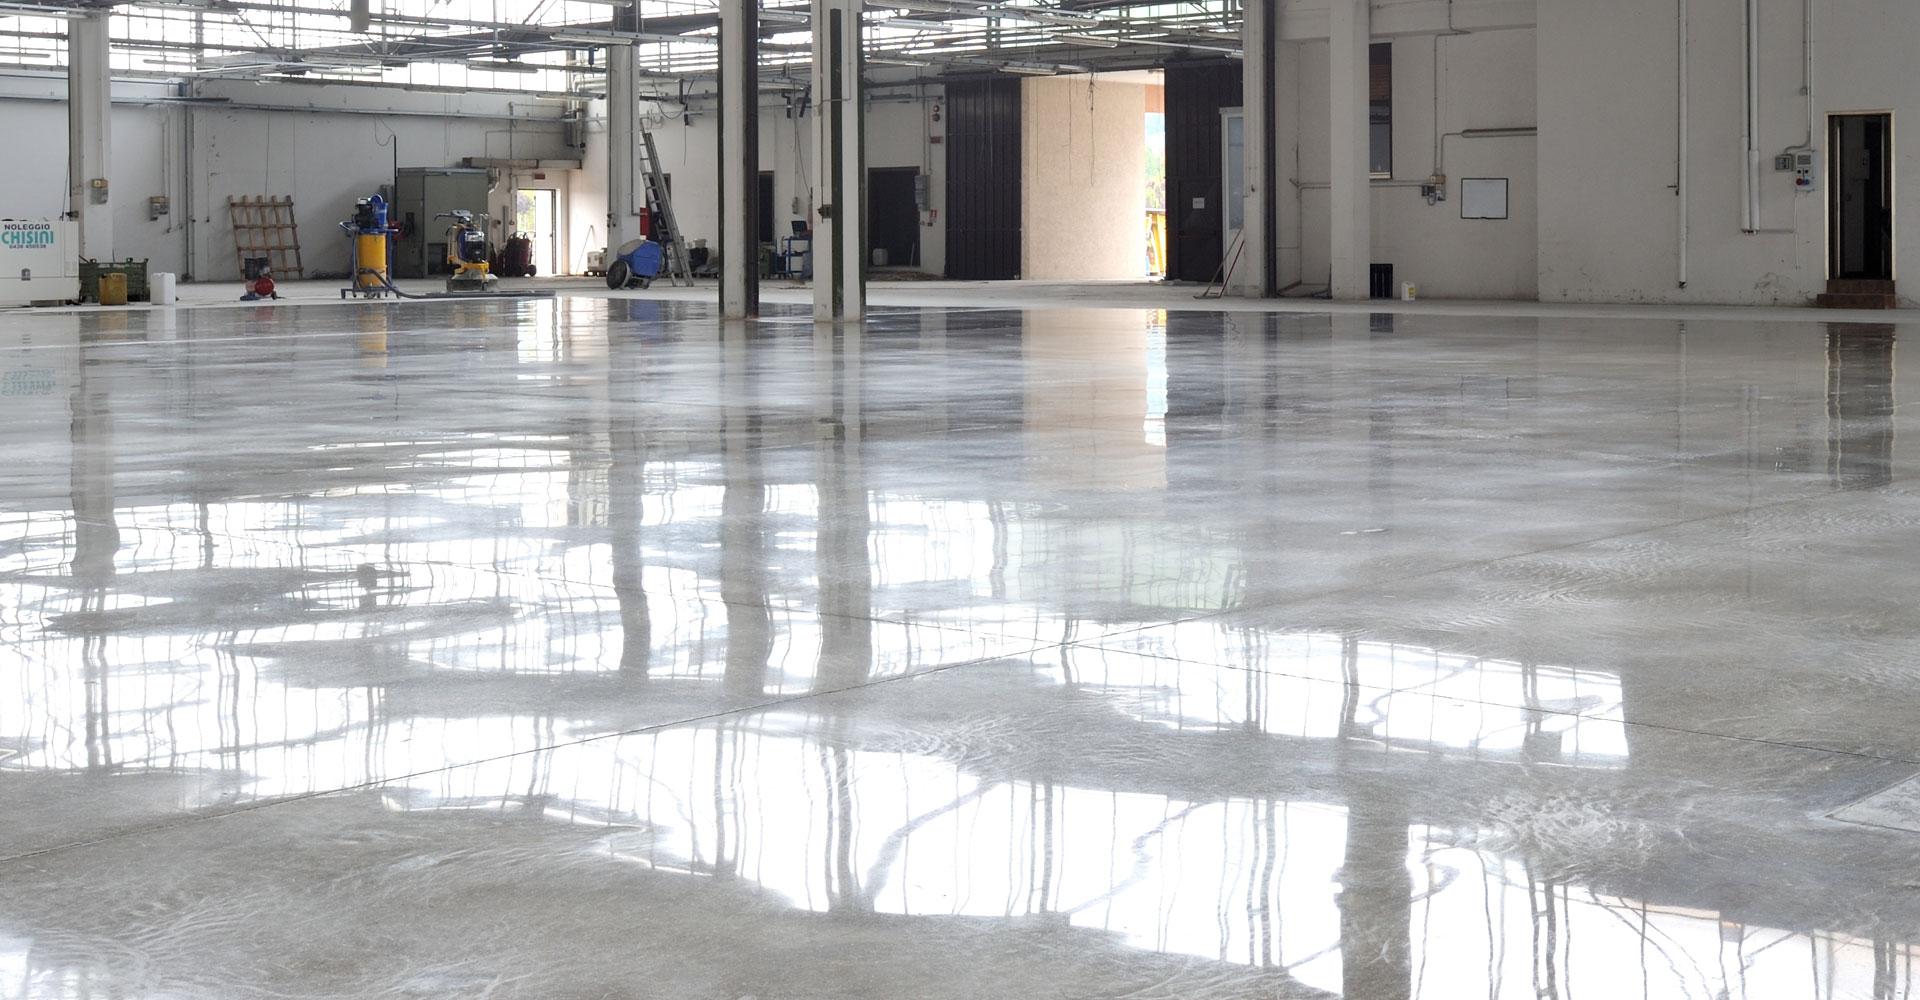 Pavimenti In Cemento Industriale : Sfondo lucidatura pavimento cemento industriale zanchetta ennio